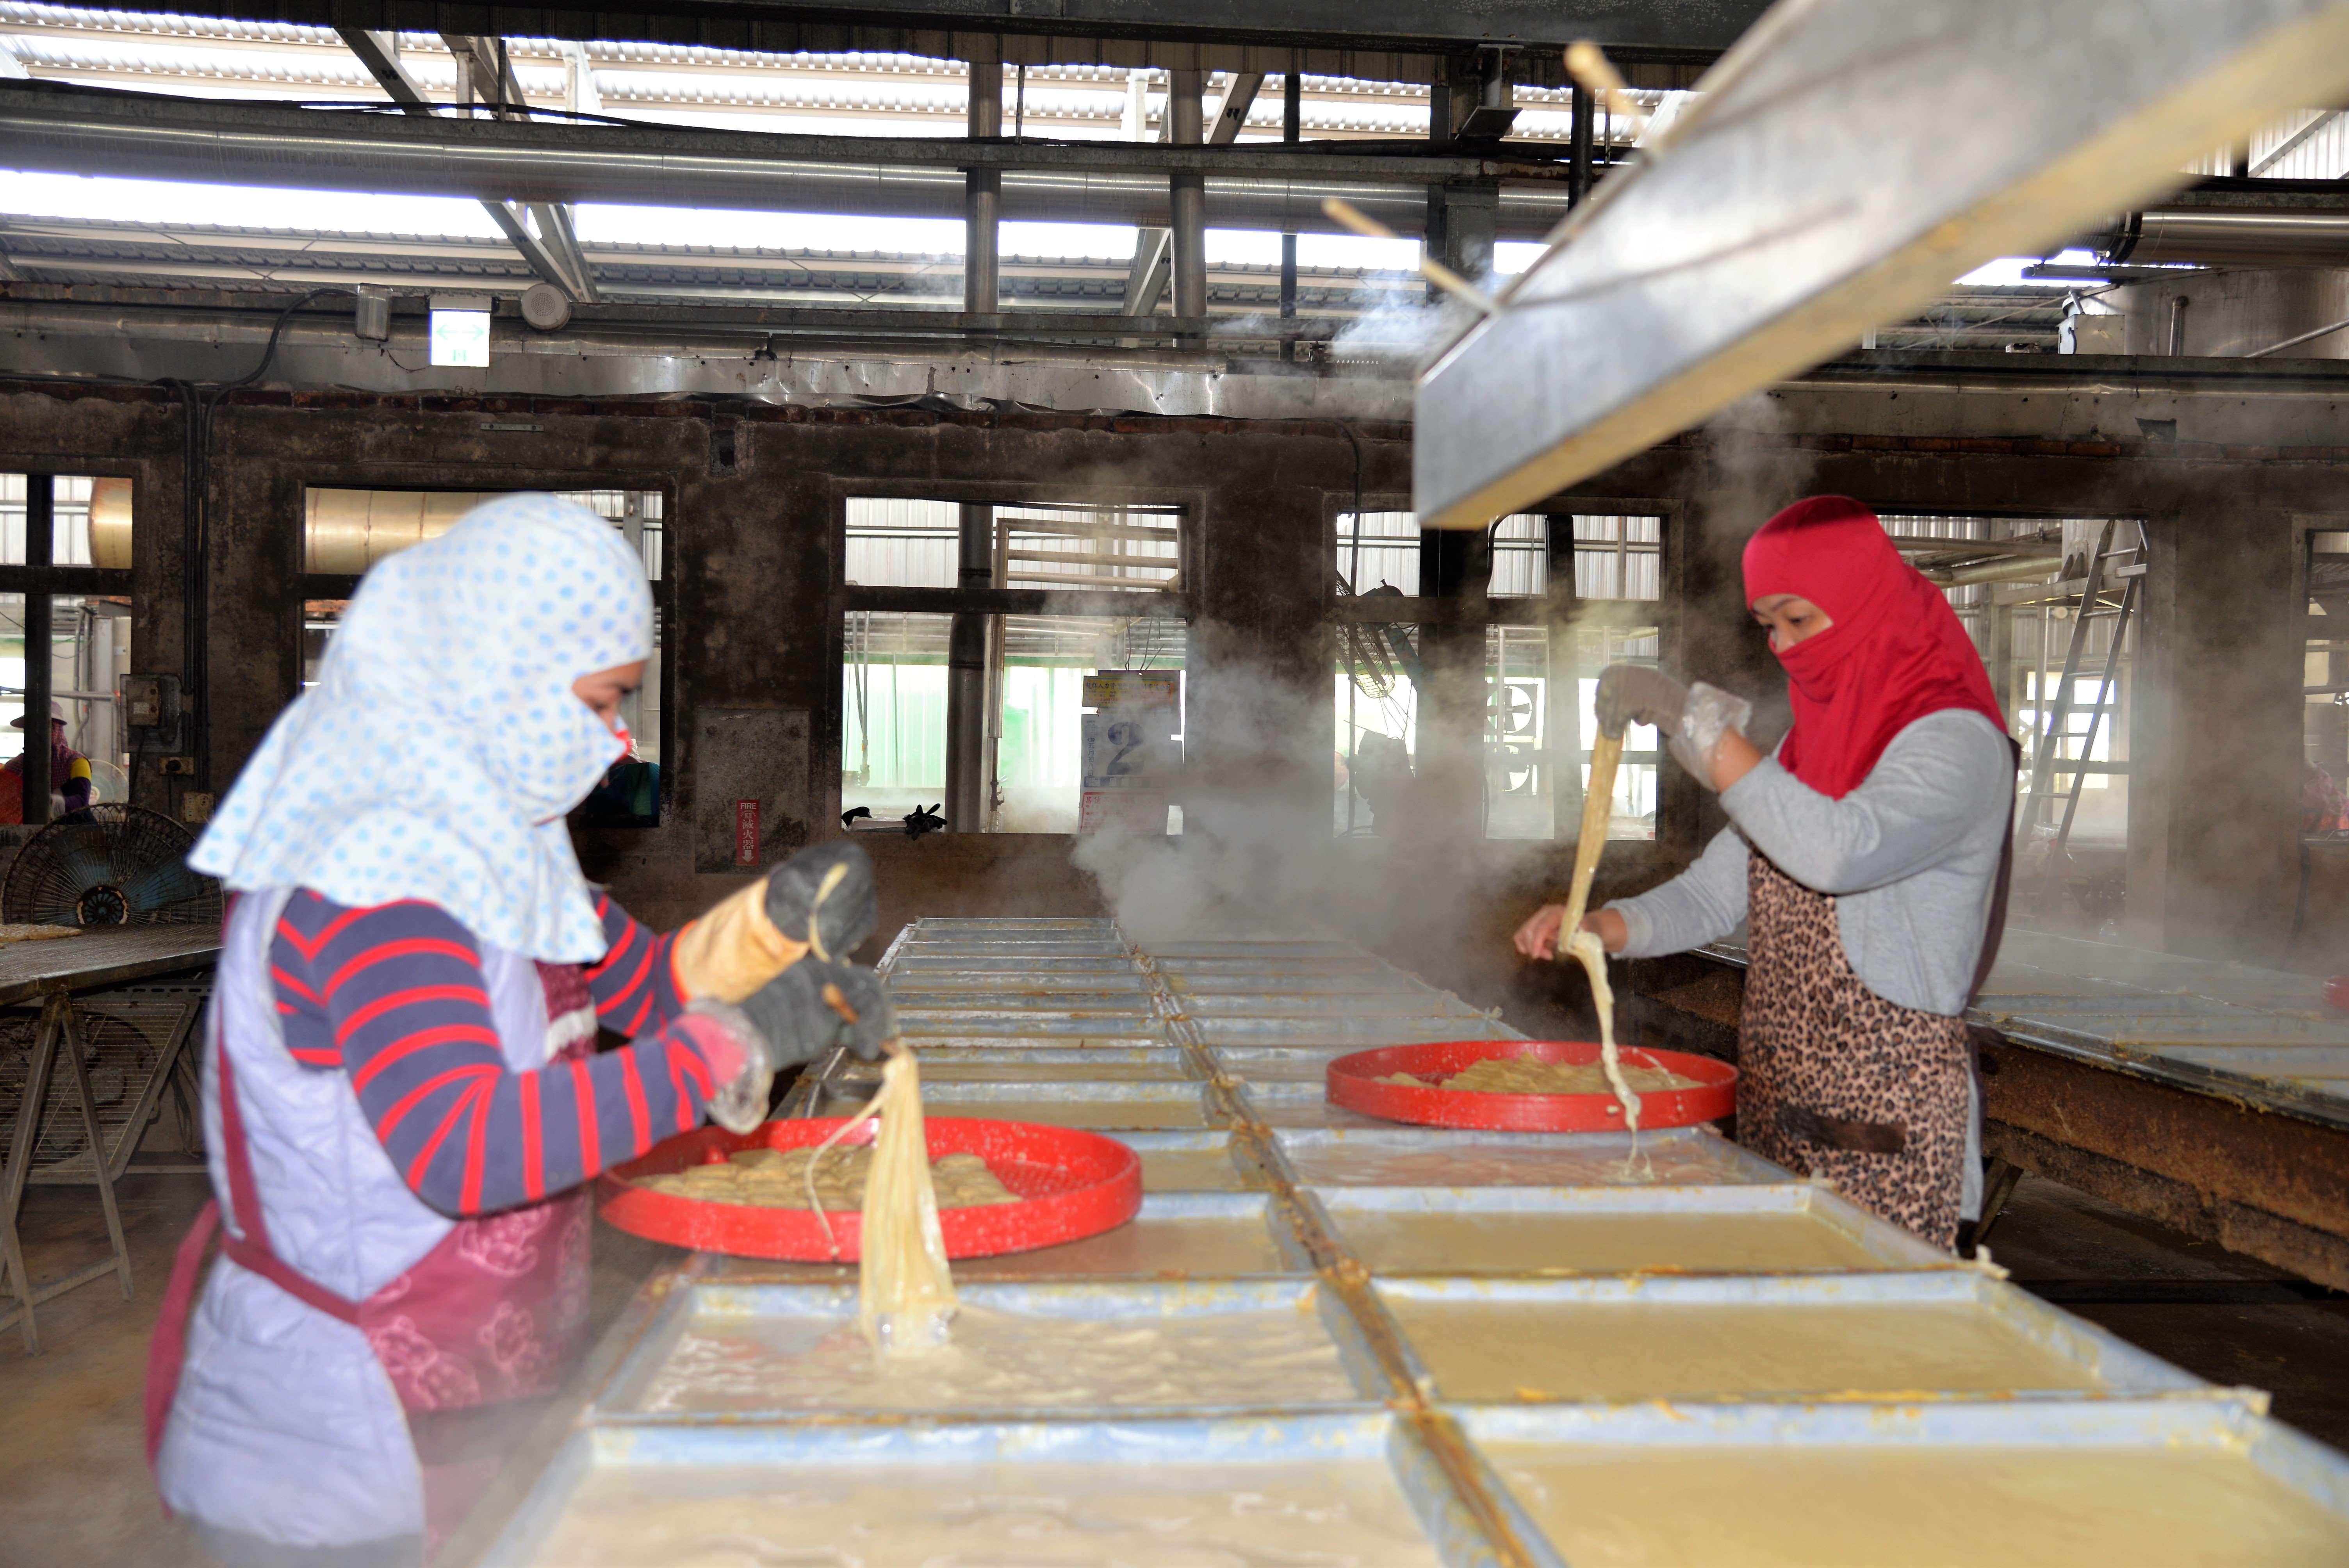 莿桐鄉長林靖焜及眾多鄉親關心的豆皮產業,縣府亦將與公所協調與通盤檢討。